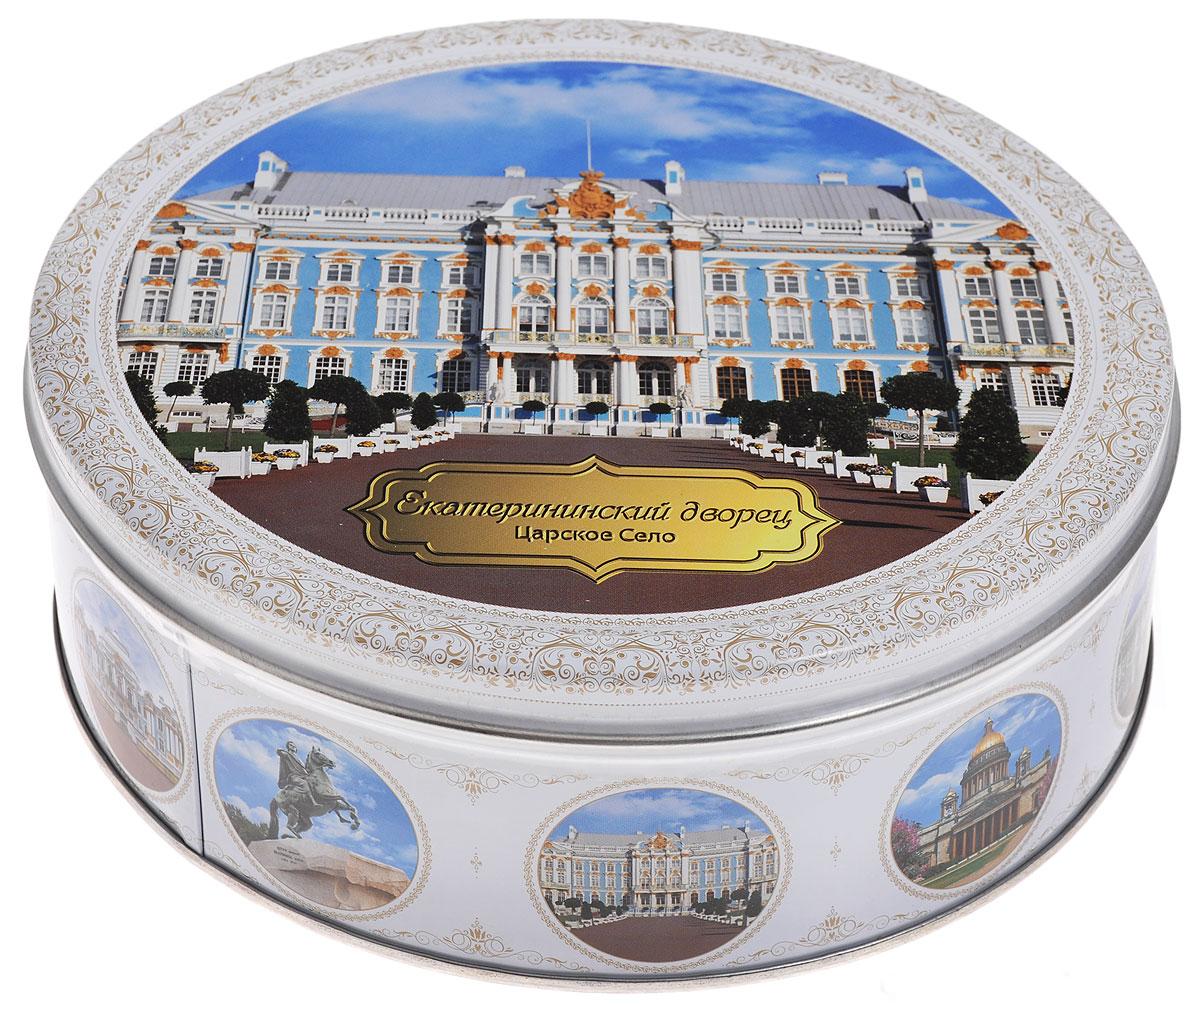 Monte Christo Санкт-Петербург. Екатерининский дворец печенье со сливочным маслом, 400 г майка monte